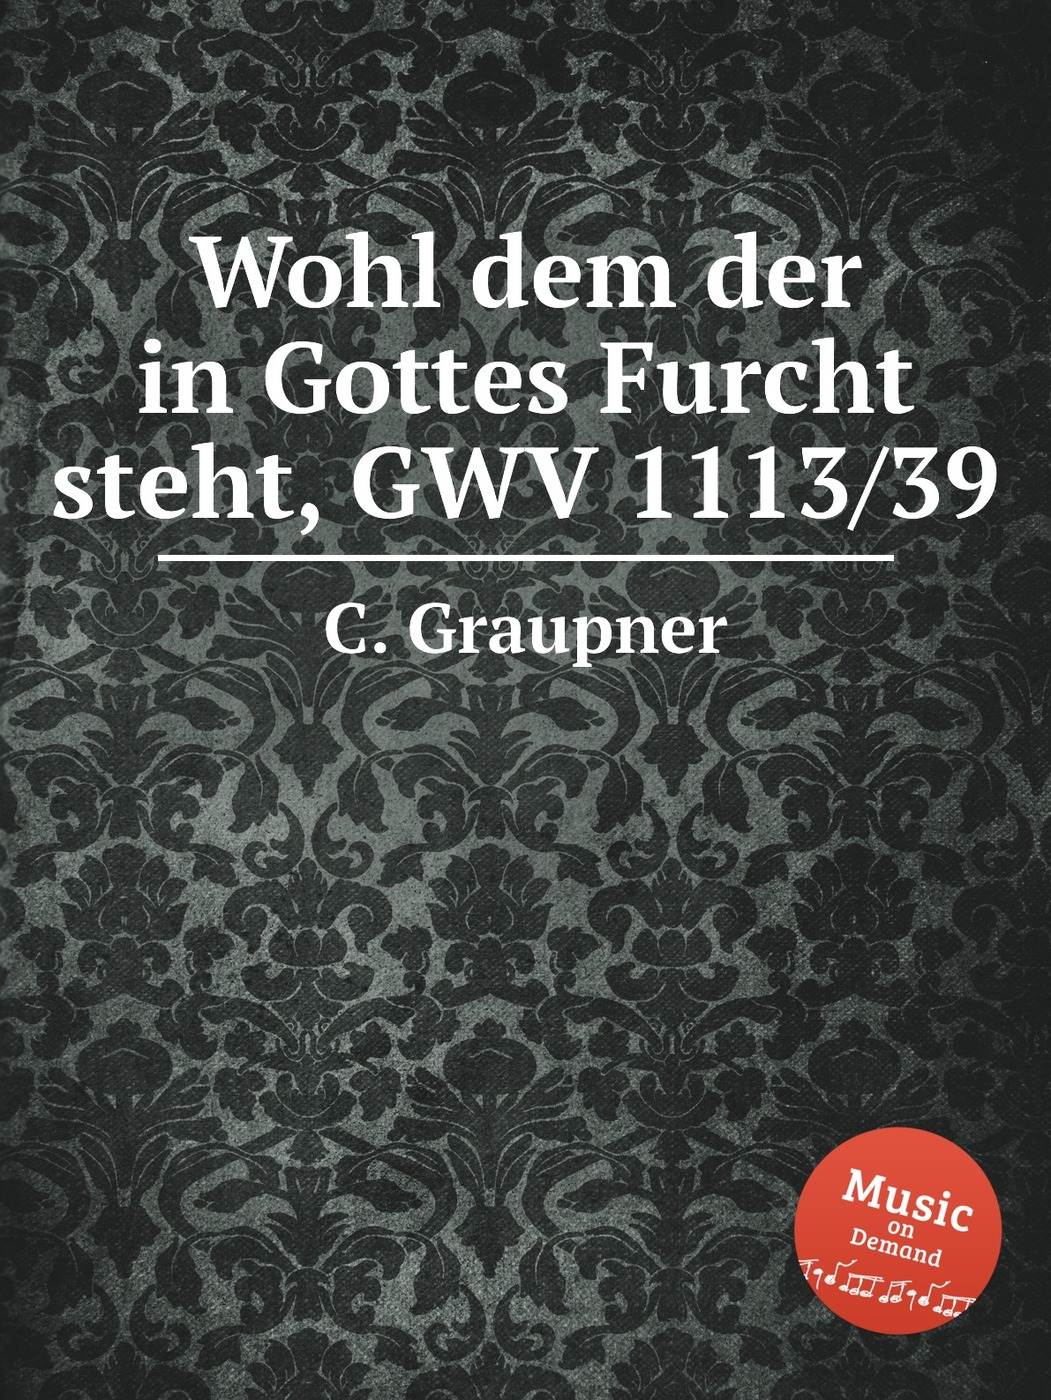 Wohl dem der in Gottes Furcht steht, GWV 1113/39